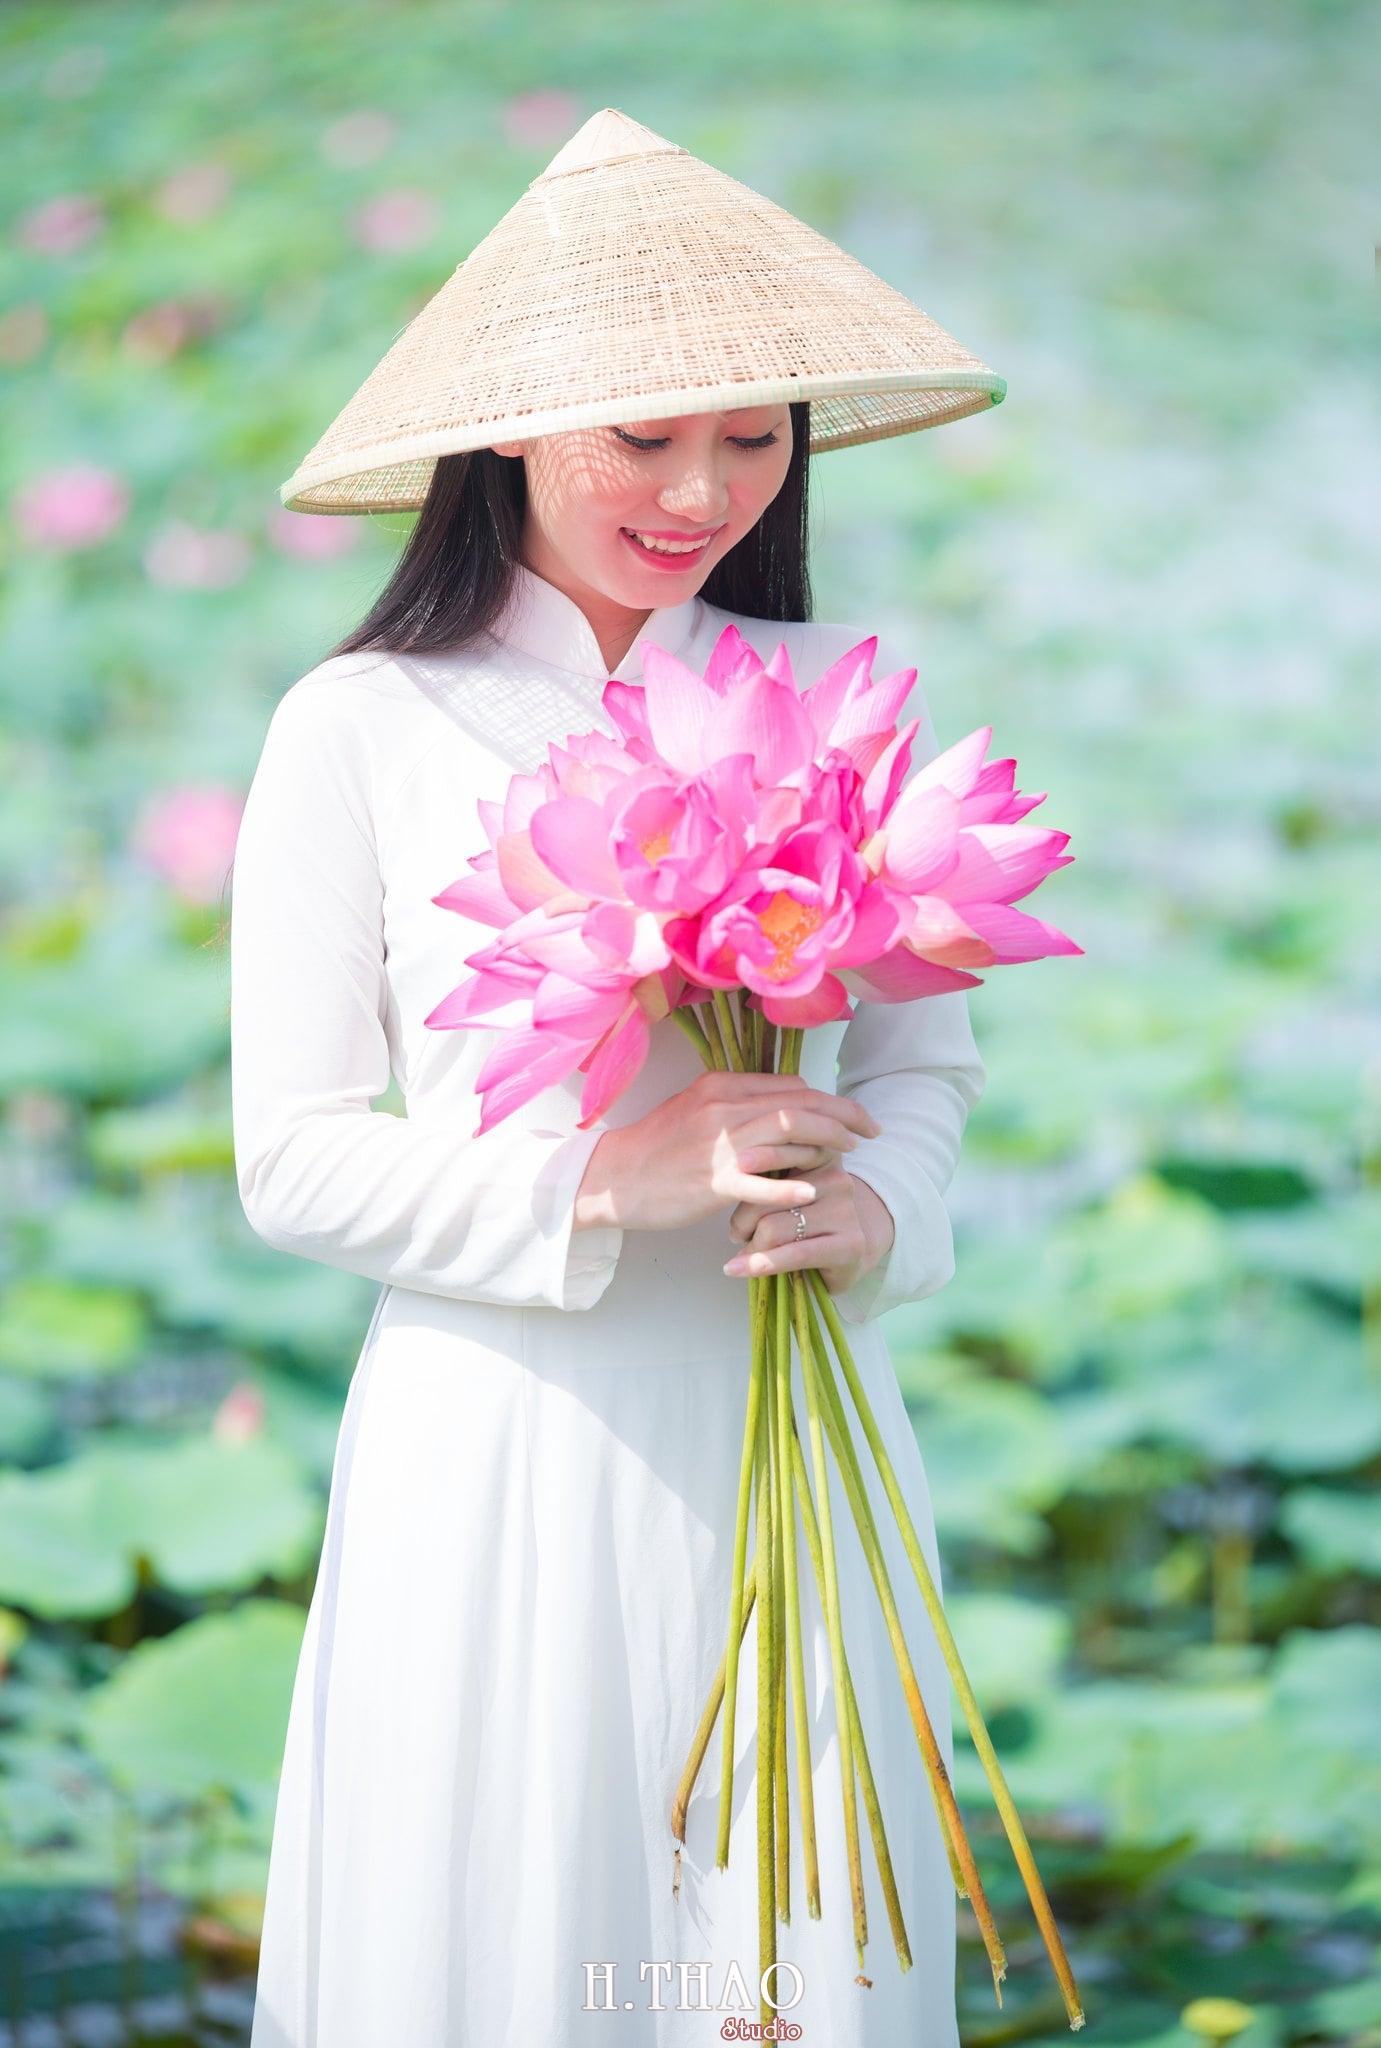 Chup hinh hoa sen 4 - Góc ảnh thiếu nữ bên hoa sen tam đa quận 9 tuyệt đẹp - HThao Studio